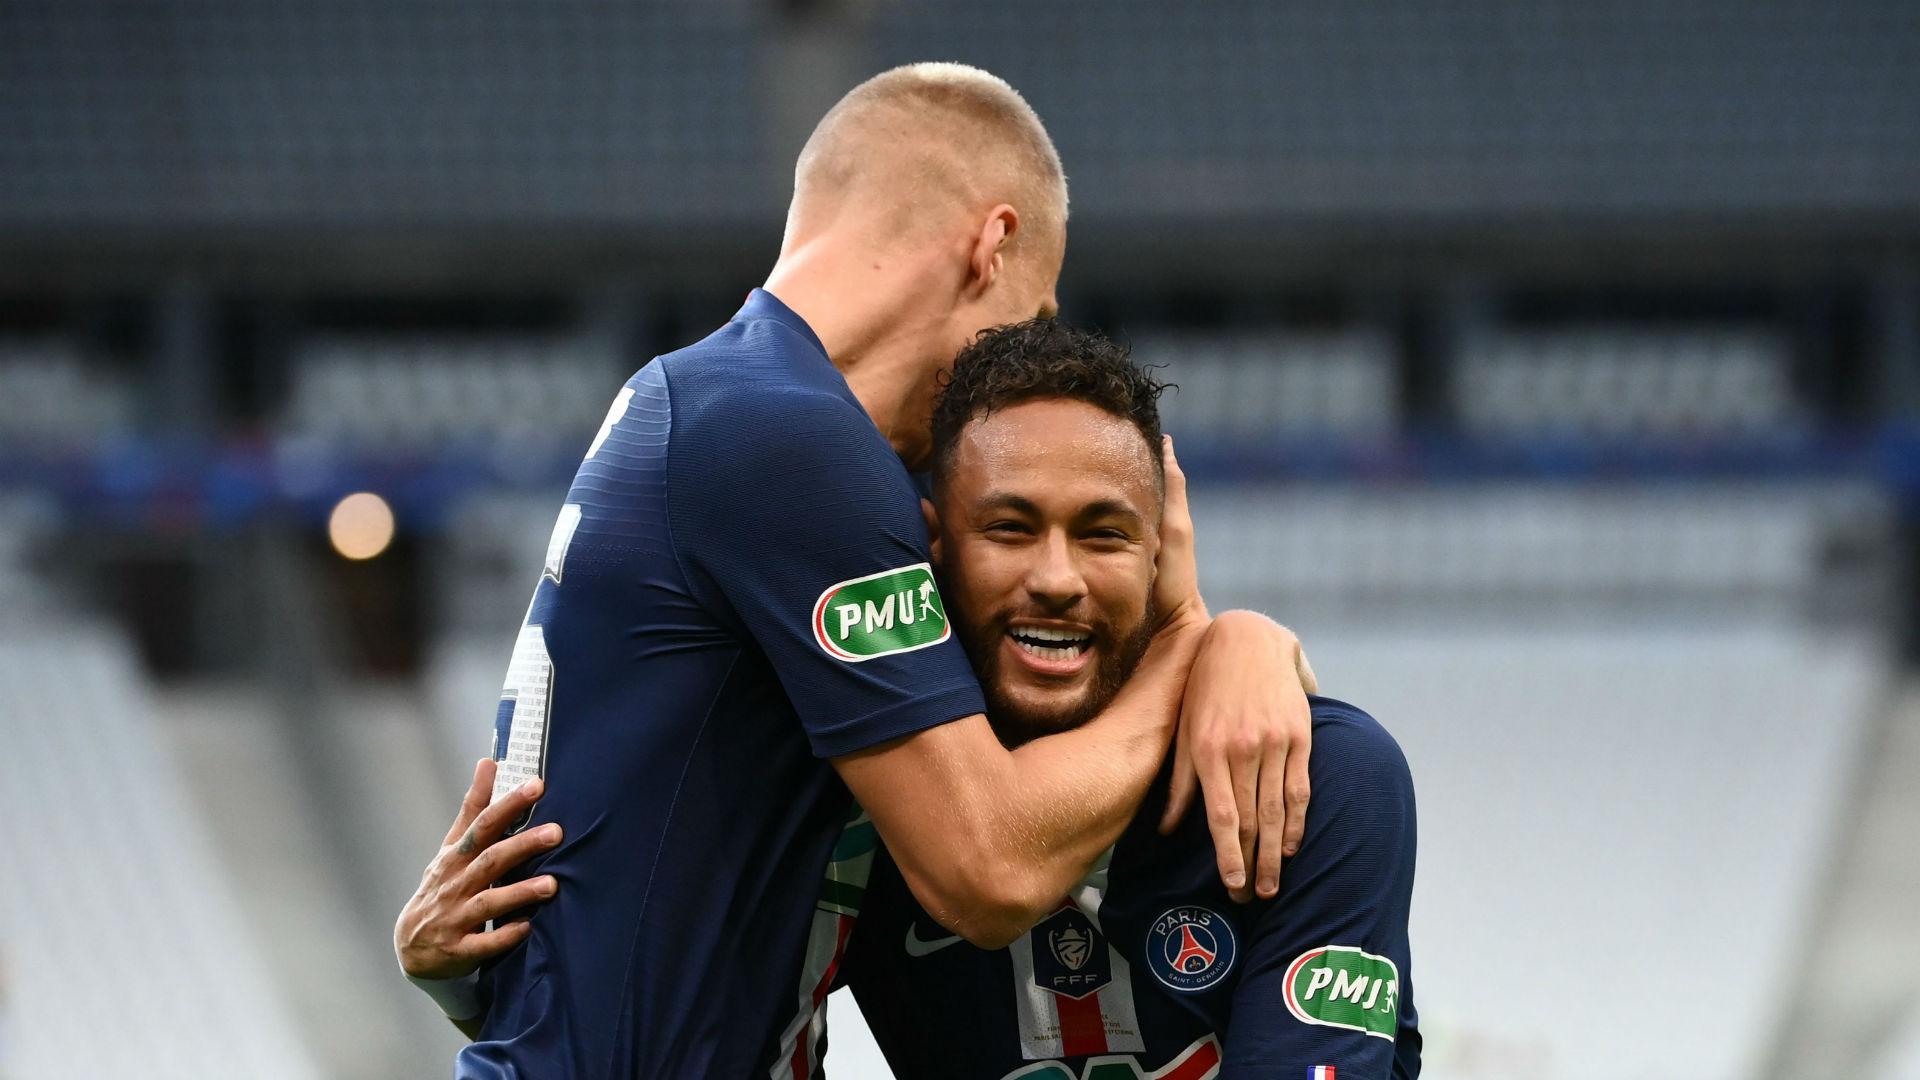 Paris Saint-Germain 1-0 Saint-Etienne: Mbappe injury overshadows Coupe de France triumph